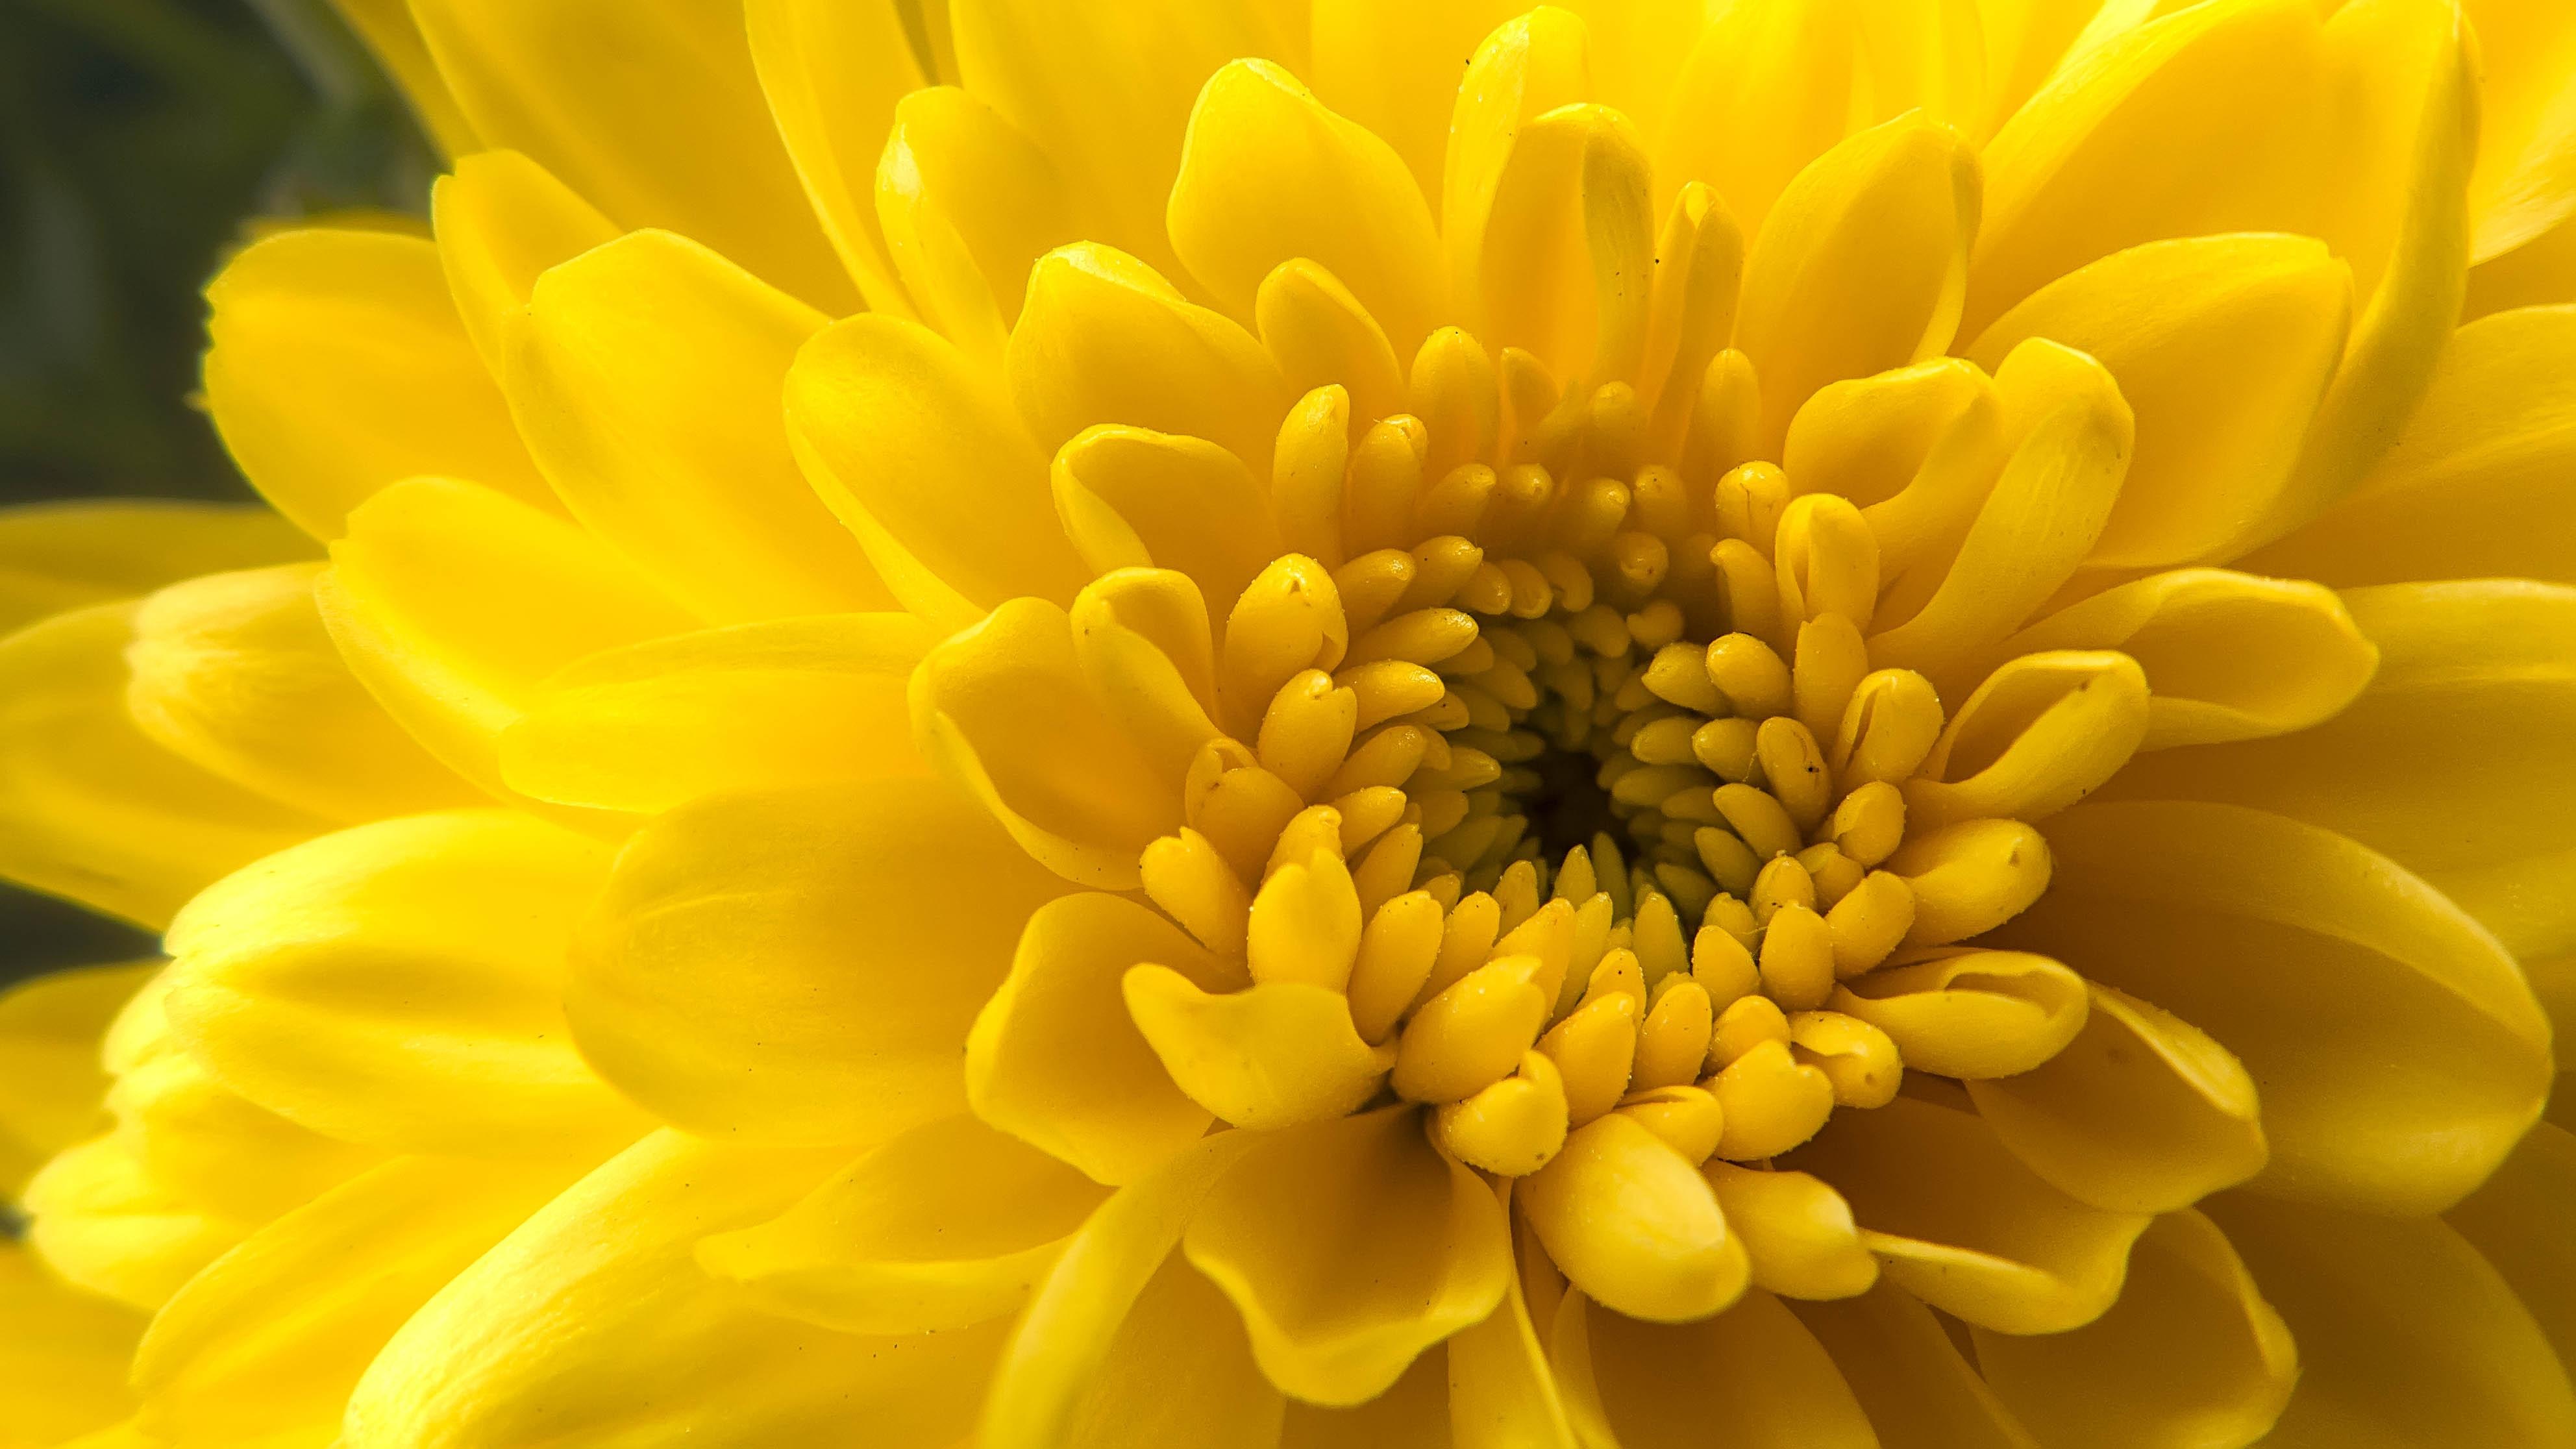 концентрируюсь обои на телефон хризантемы желтые выбранного способа, марки